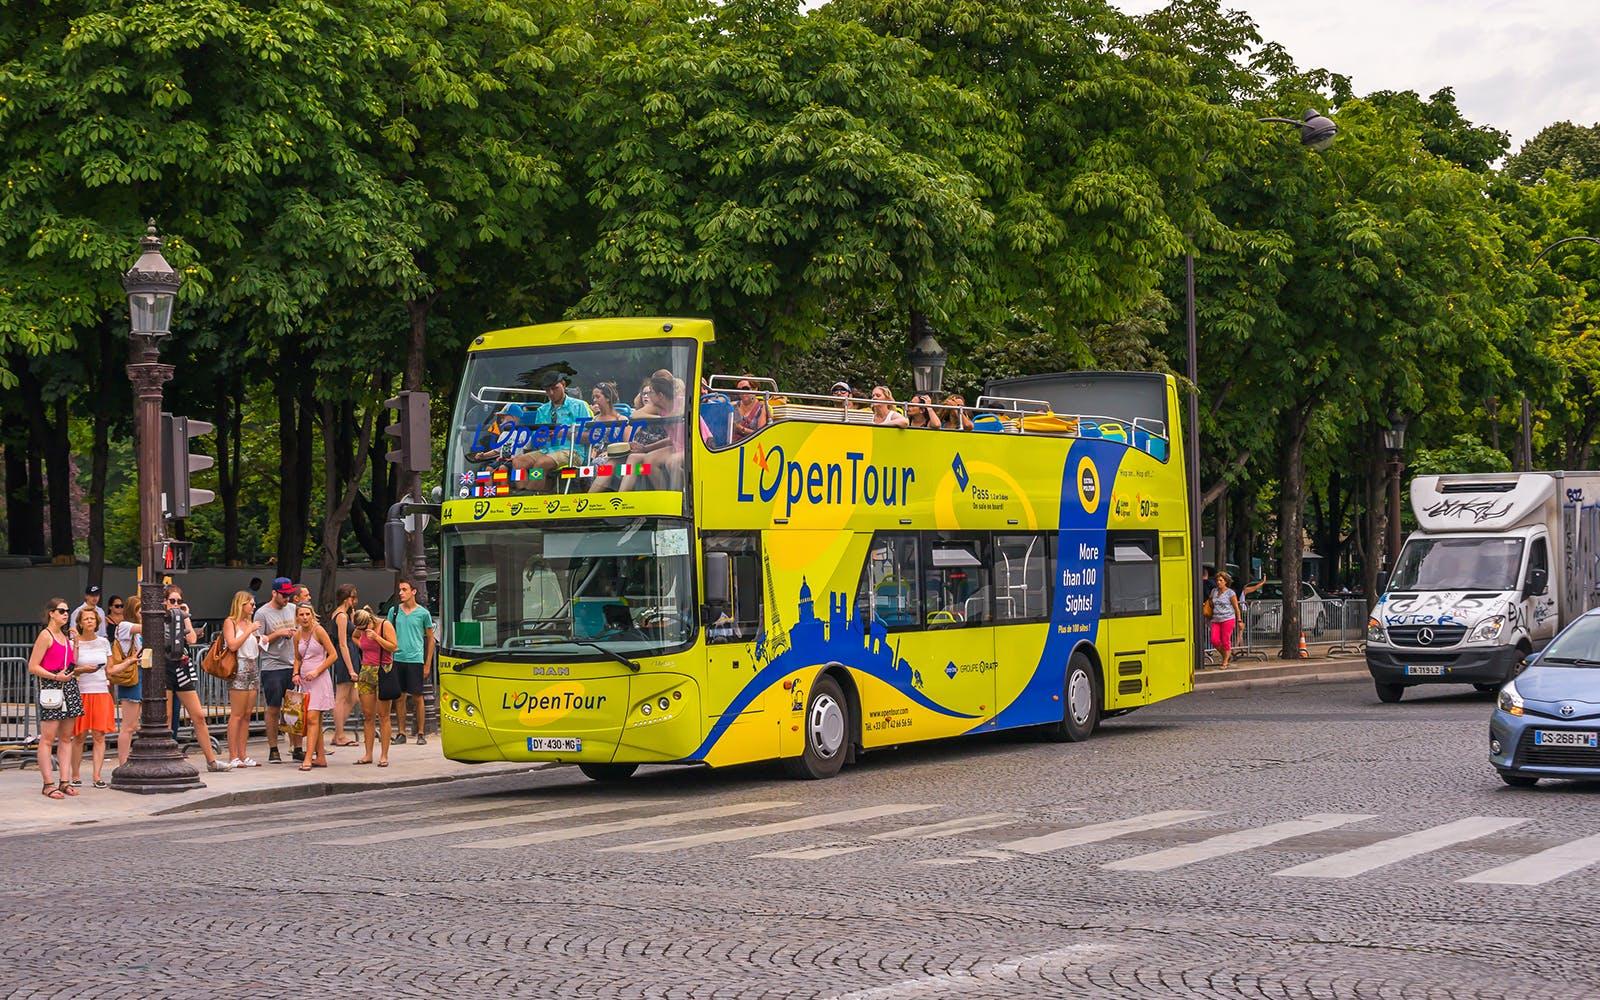 paris hop on hop off bus tours - 1